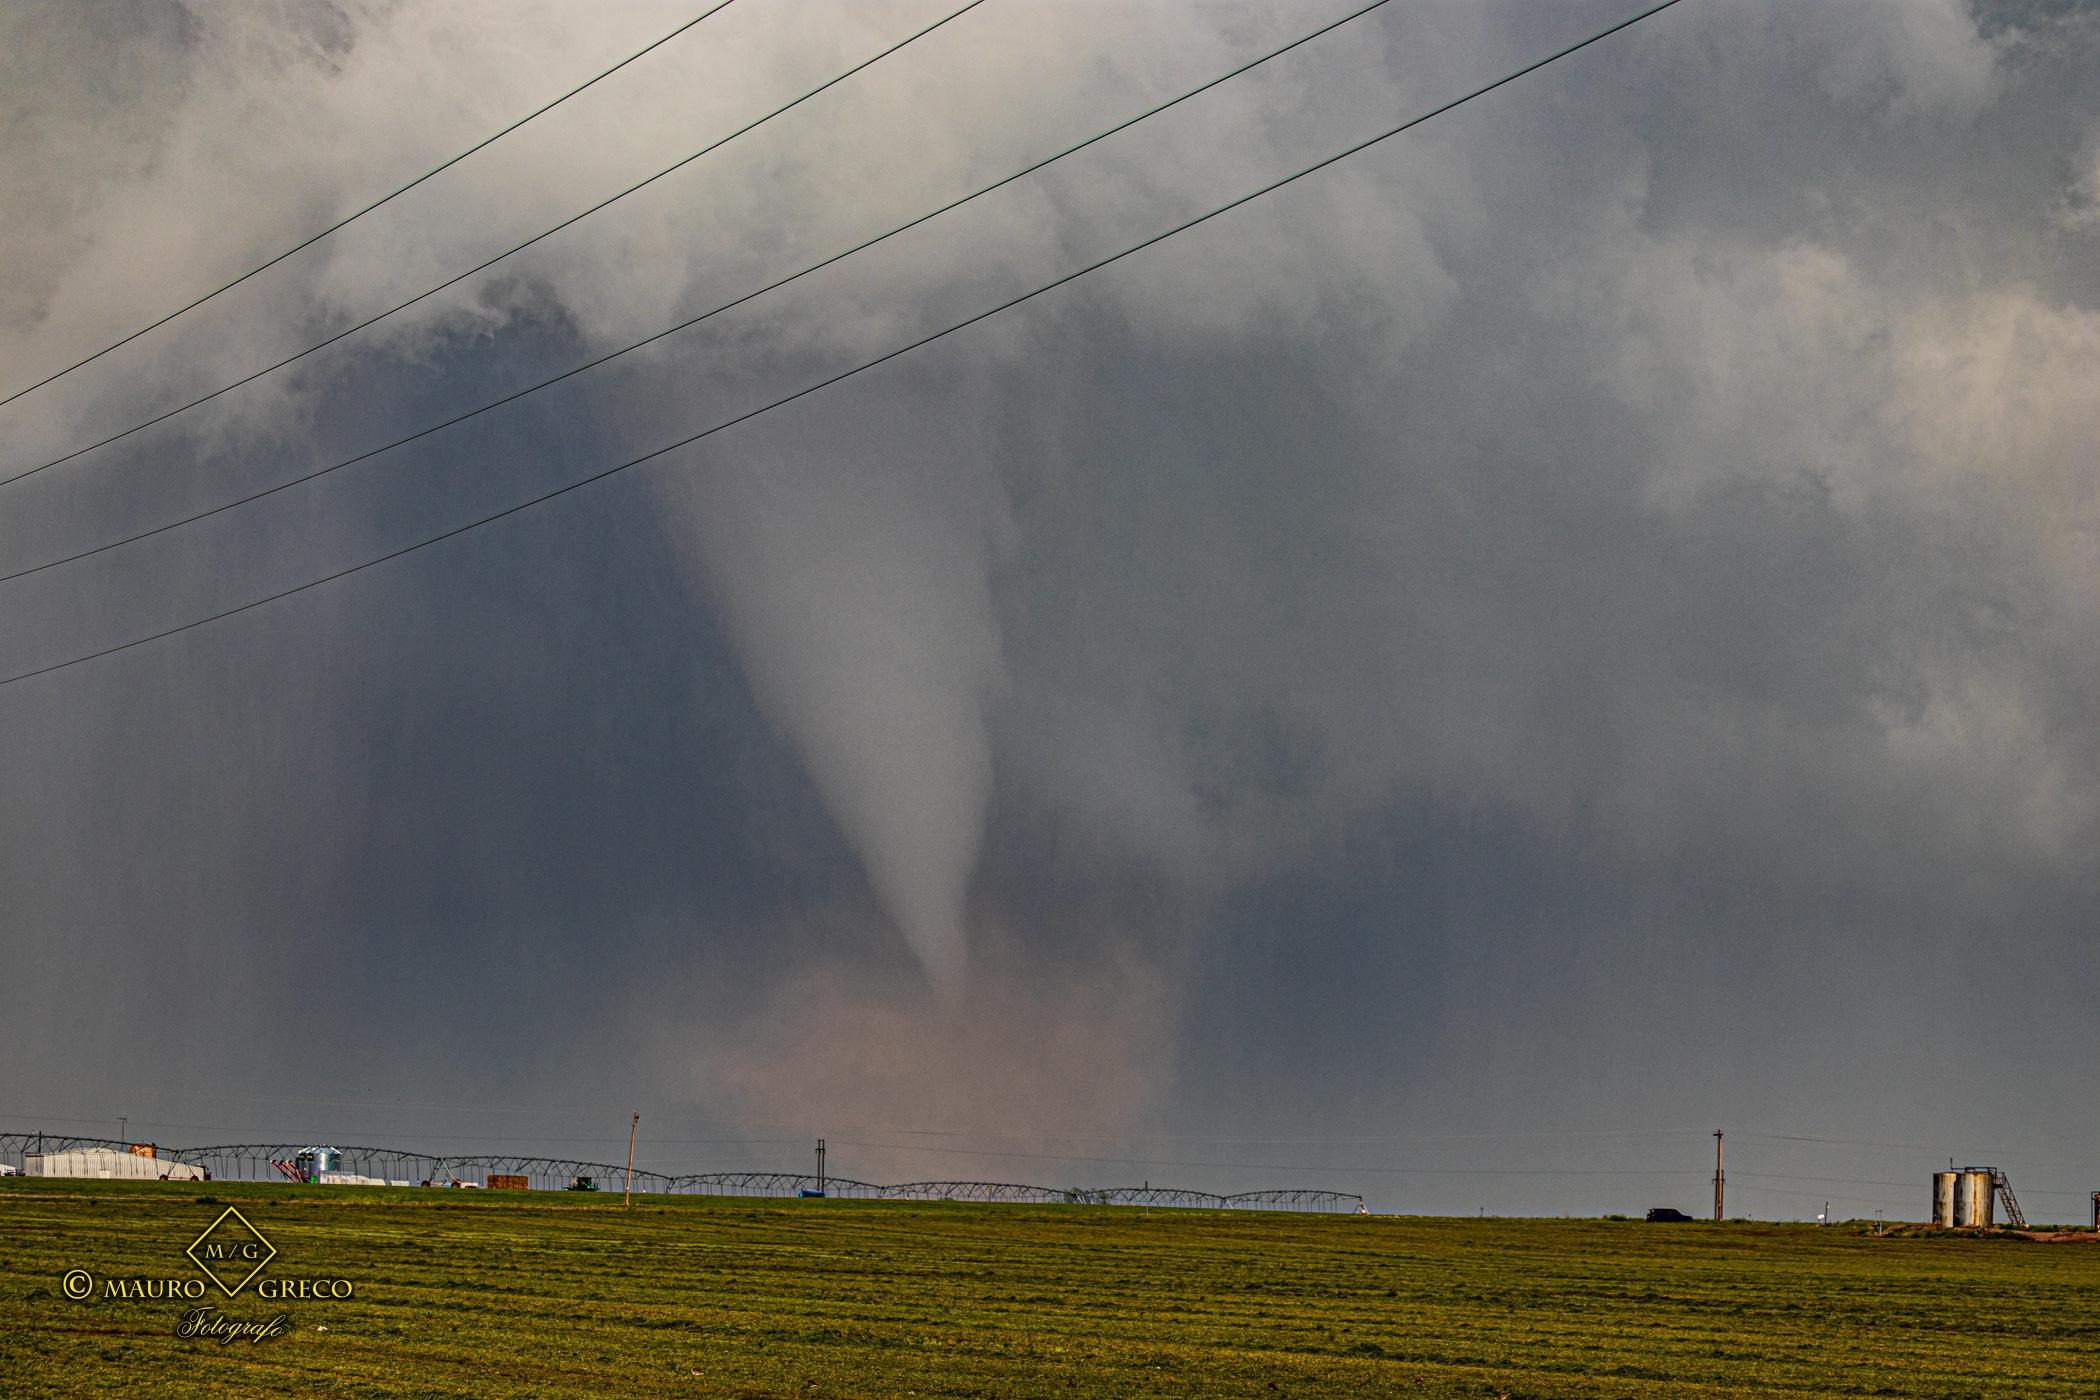 Tornado April 23 2021 Lockett Texas - Tornado Tour StormWind